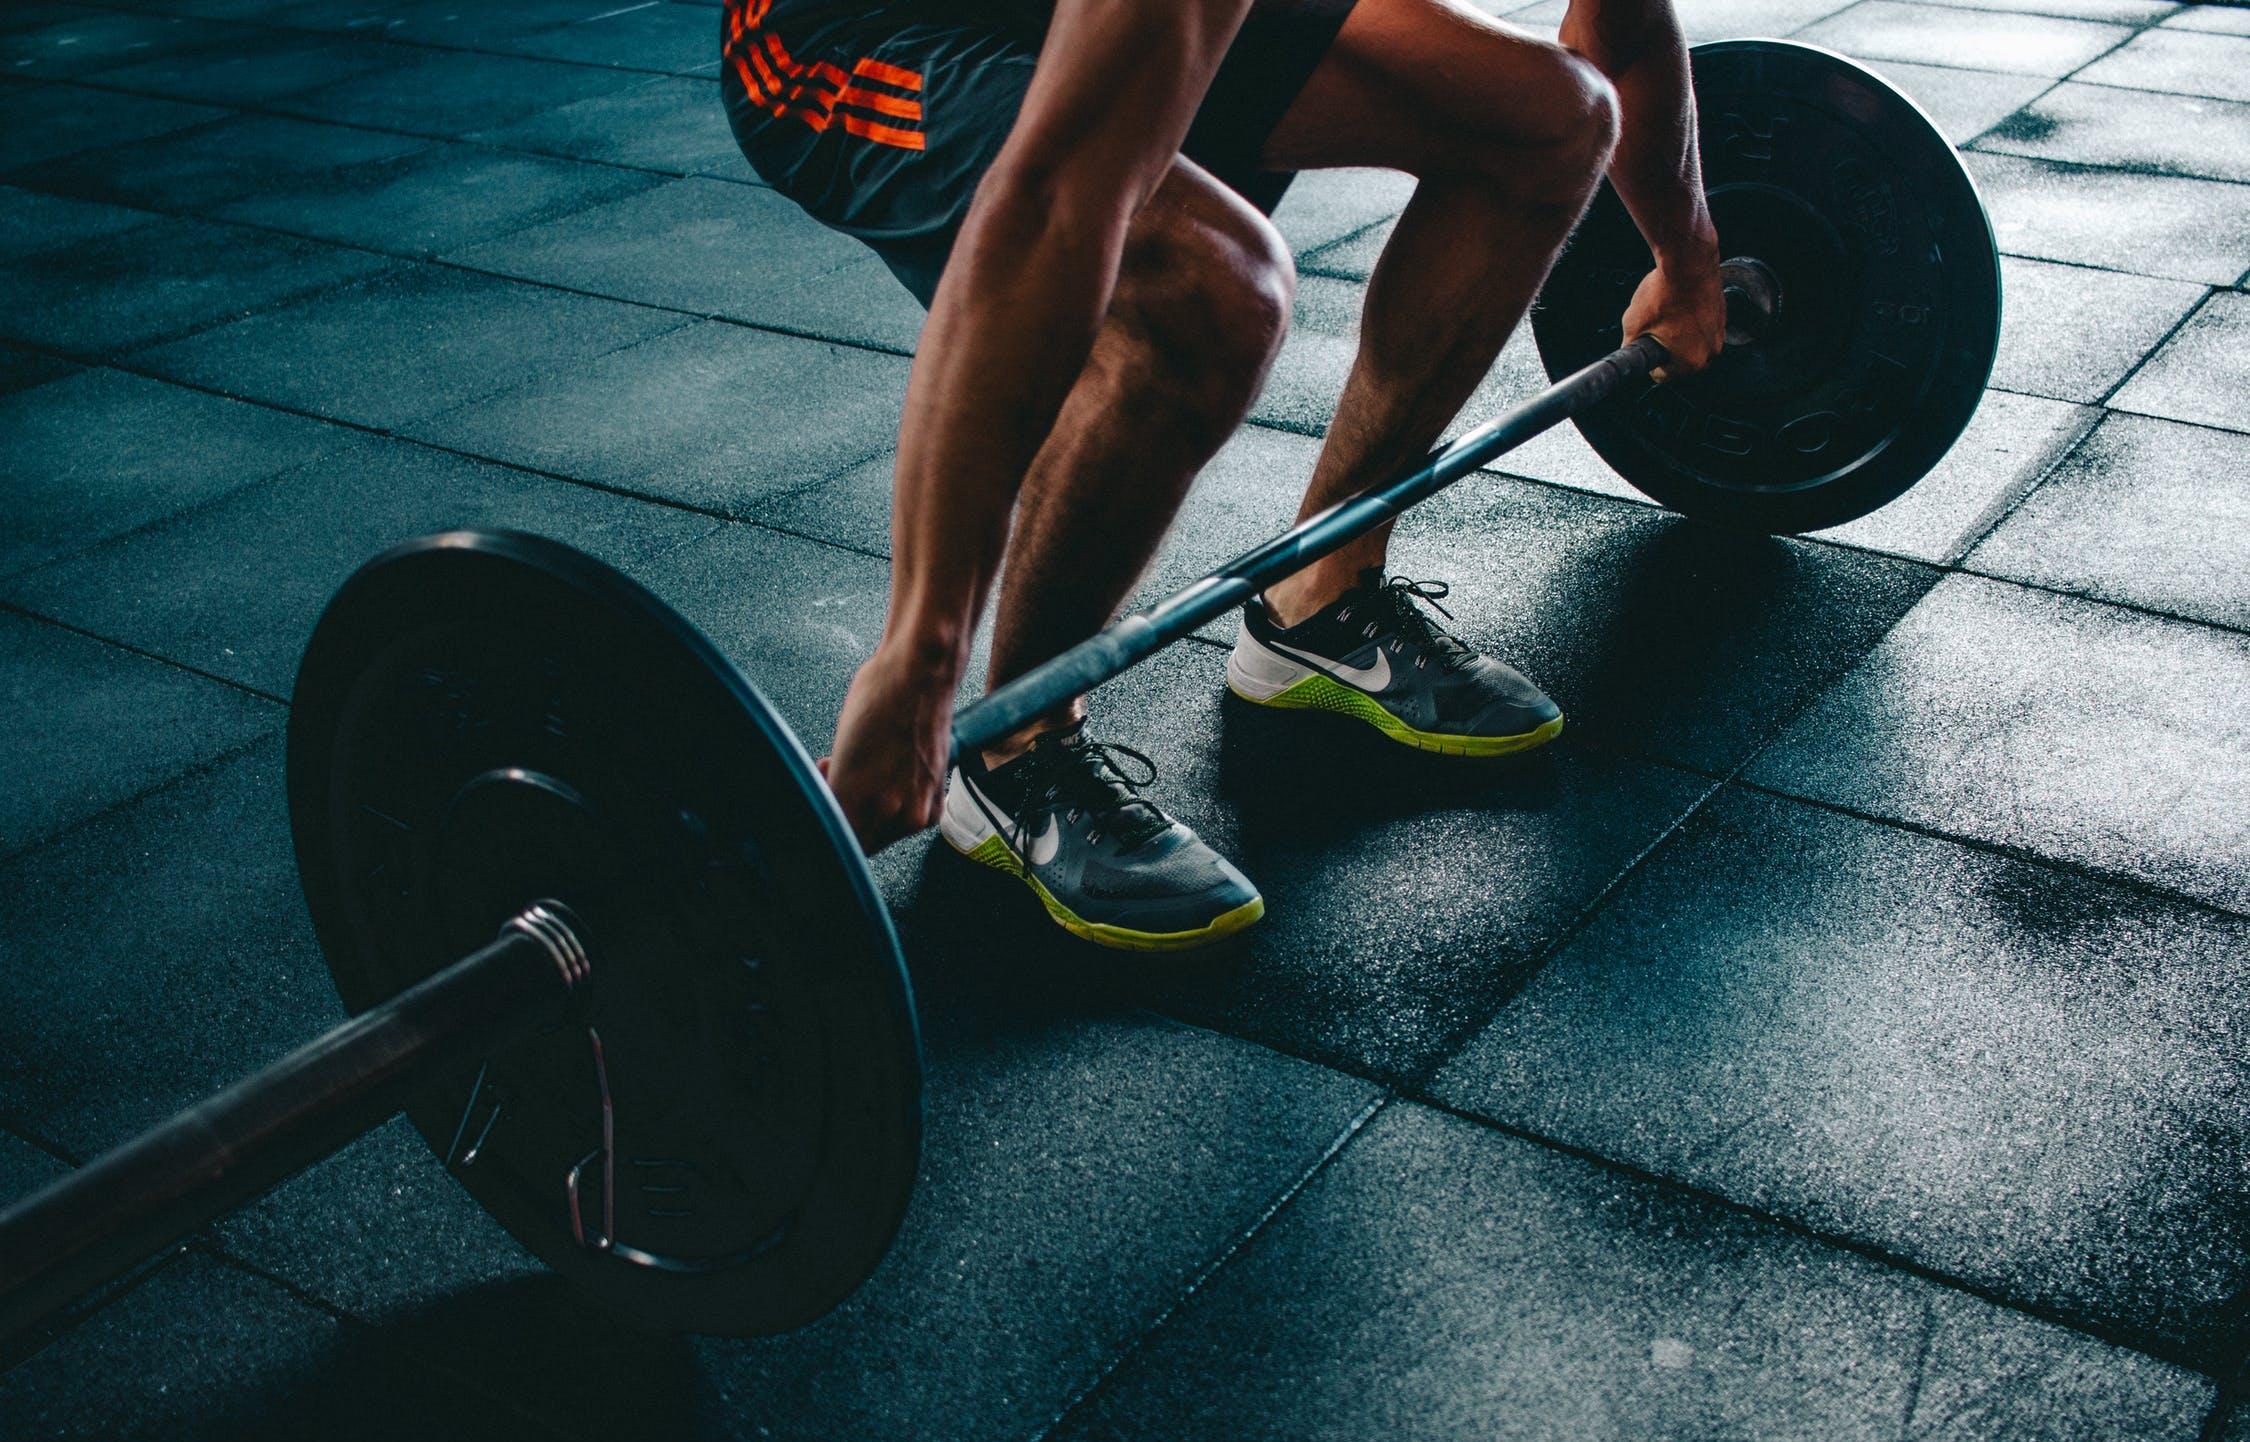 ВТБ: траты в фитнес-клубах выросли в 8 раз - новости Афанасий